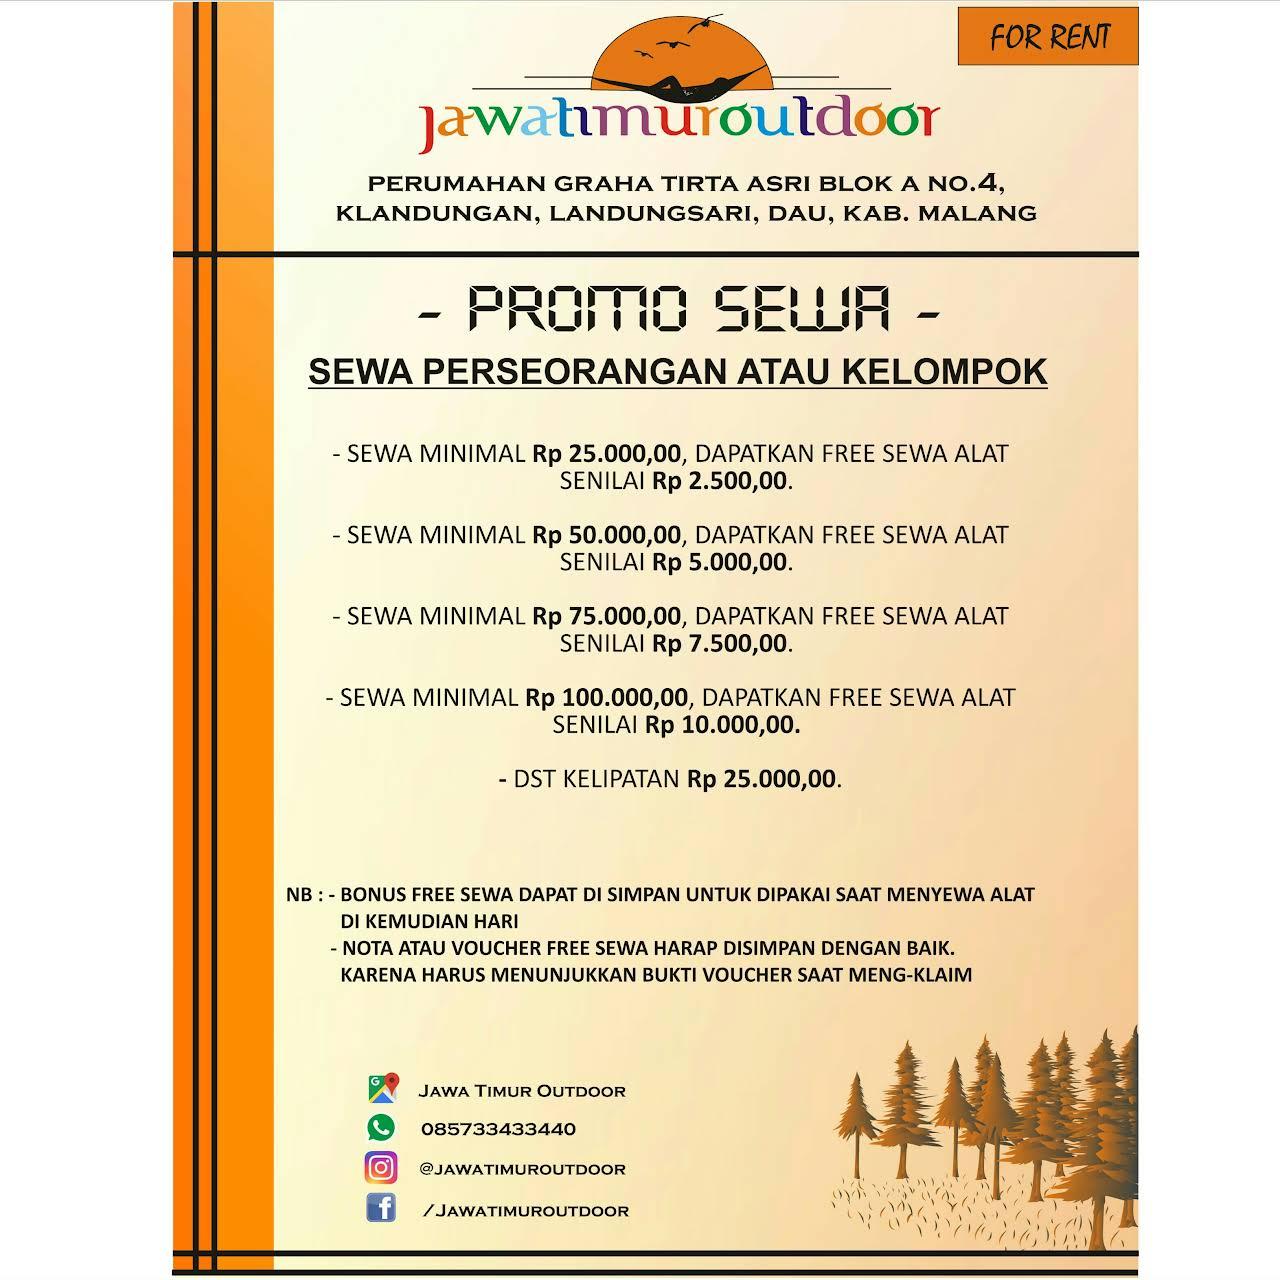 Jawa Timur Outdoor Jual Perlengkapan Camping Sewa Rental Alat Kemah Camping Outdoor Di Malang Toko Alat Alat Perkemahan